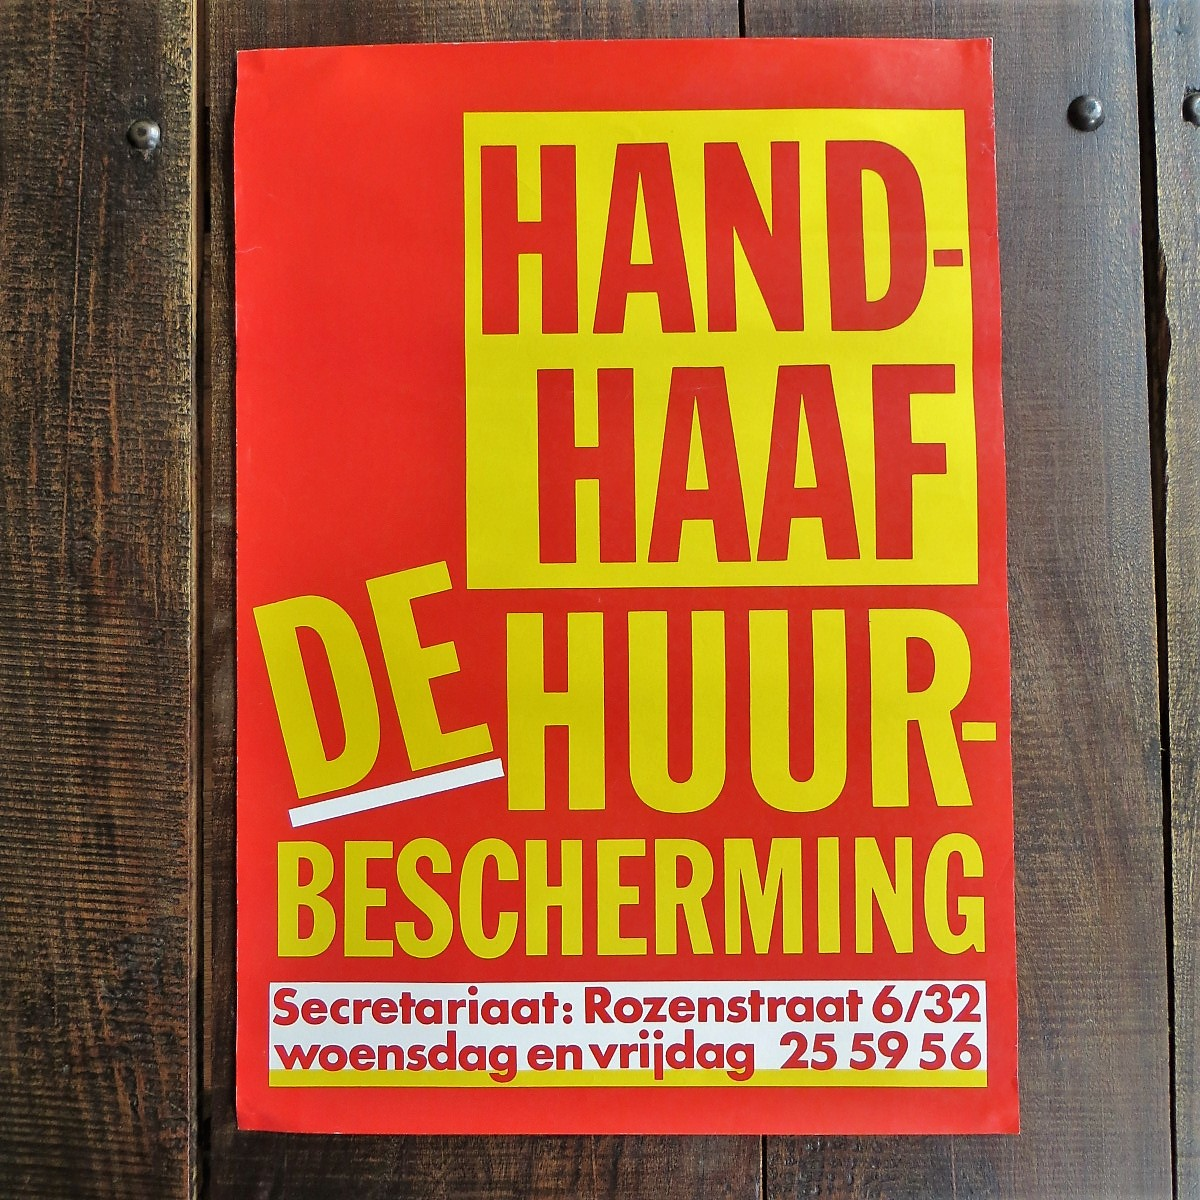 poster-handhaaf-de-huurbescherming